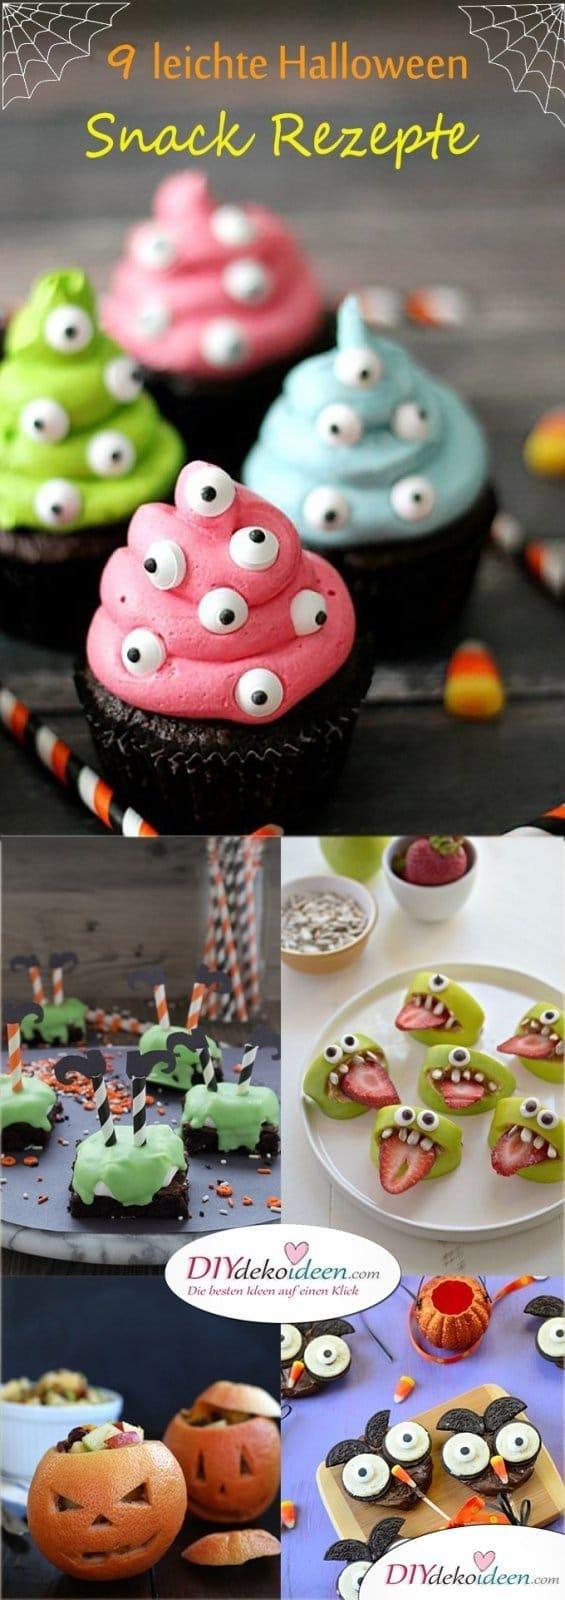 Diese Halloween Snack Rezepte werden Hexen und Gespenster lieben